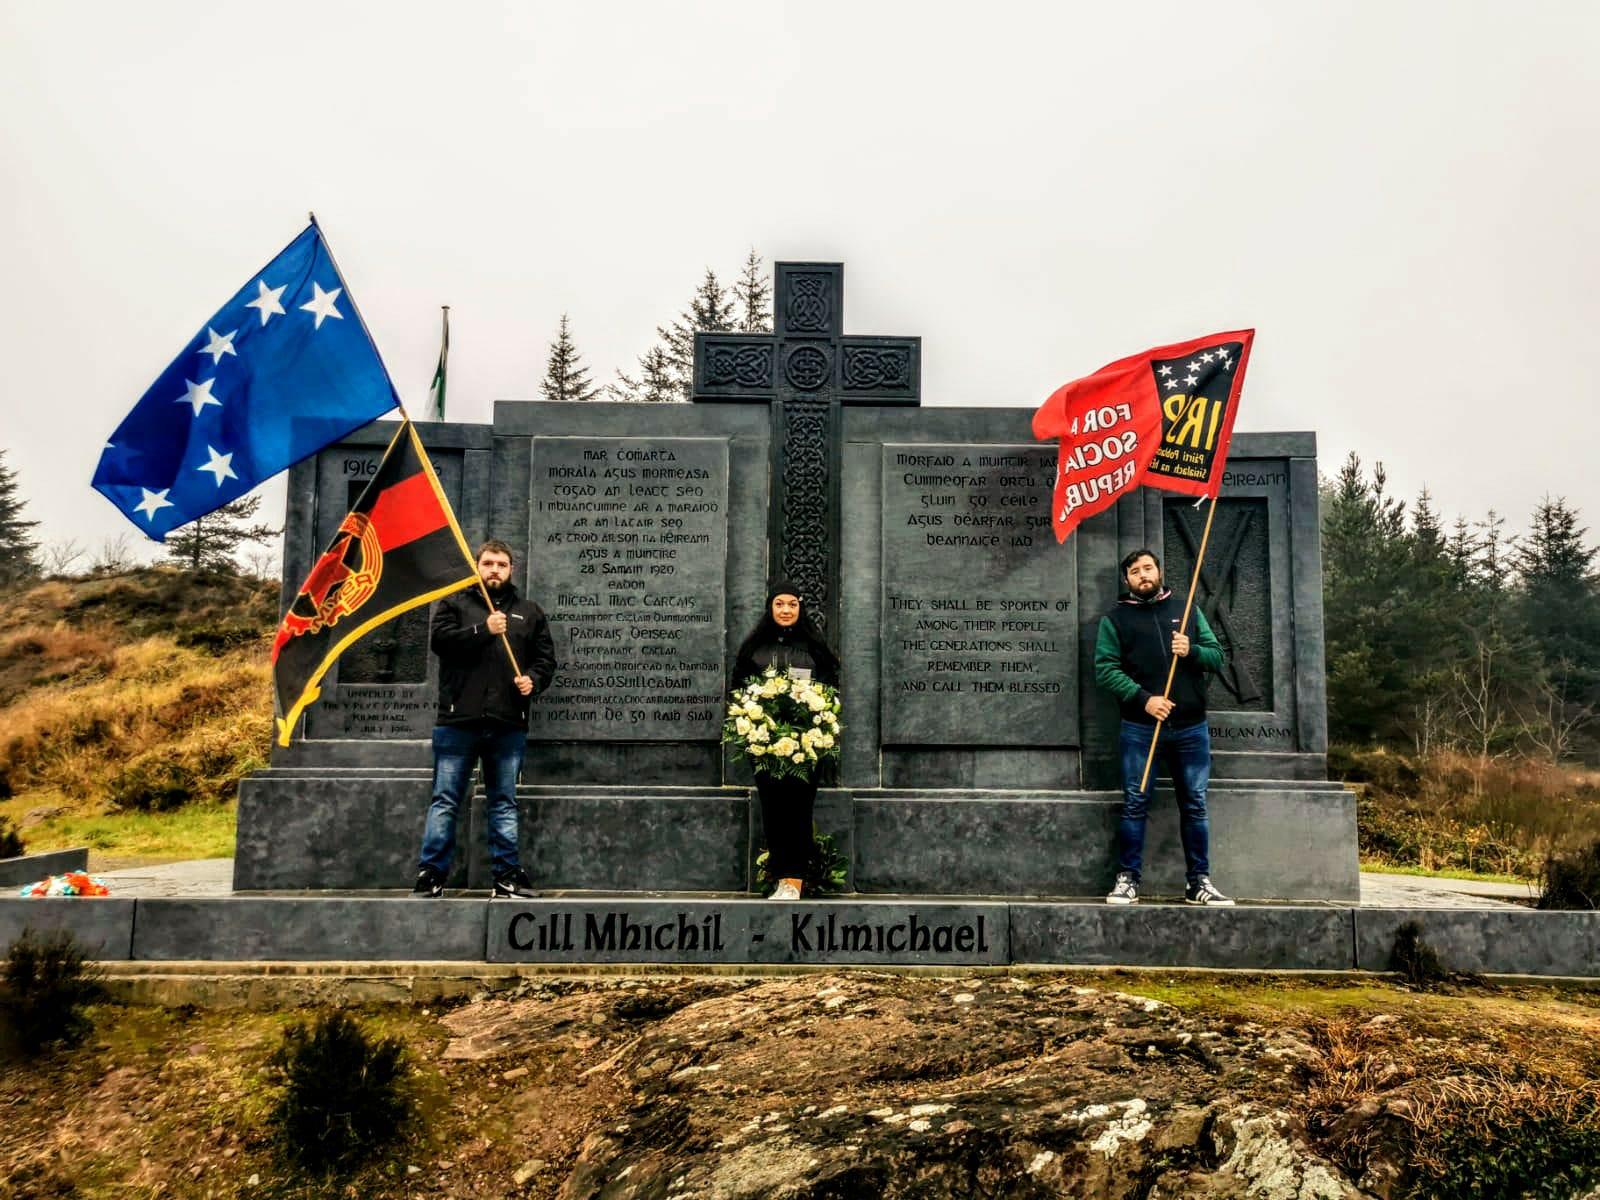 Kilmichael Ambush Centenary – 28th November, 2020